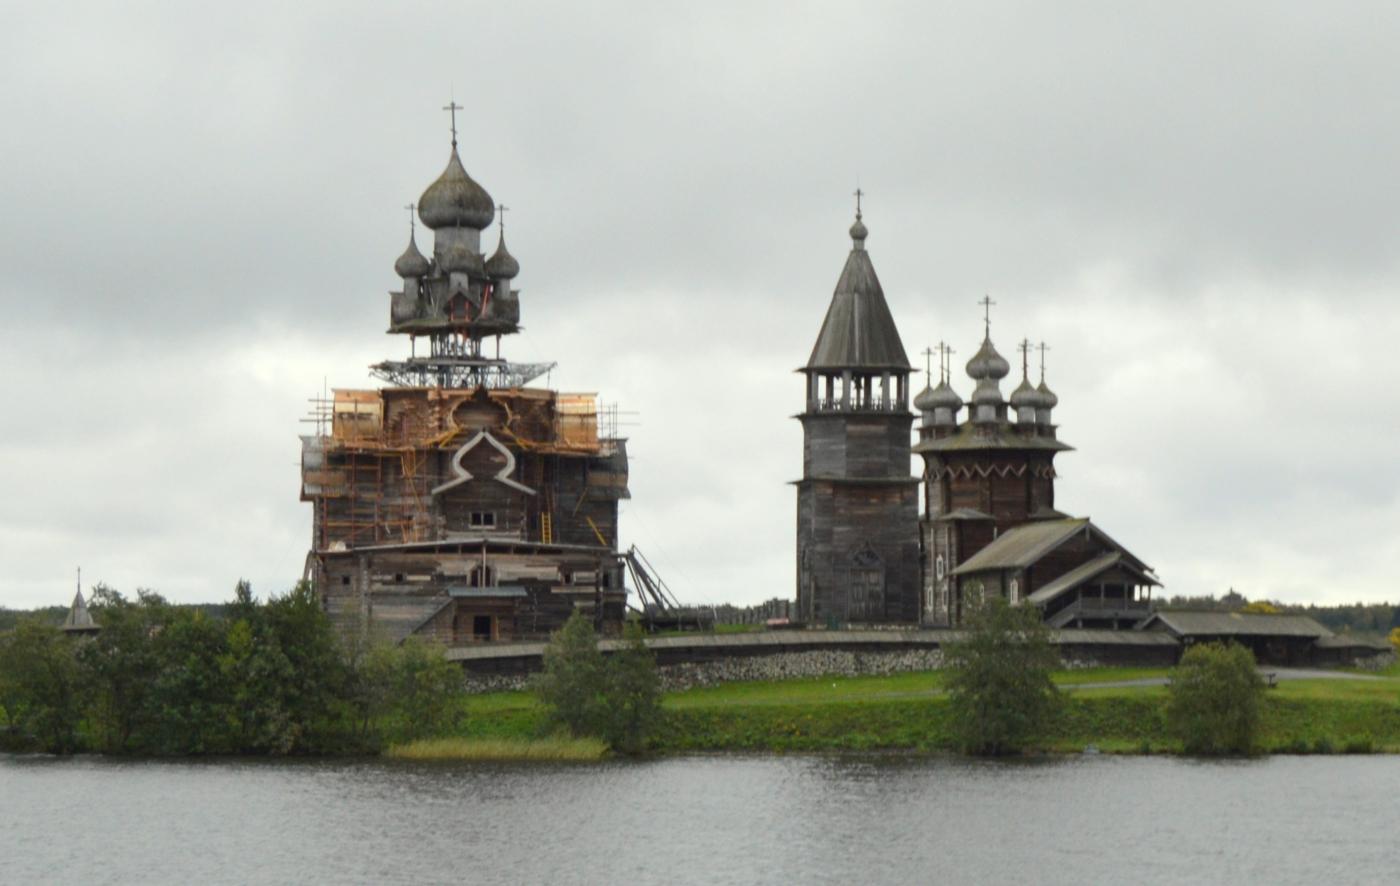 俄罗斯小镇风光_图1-1